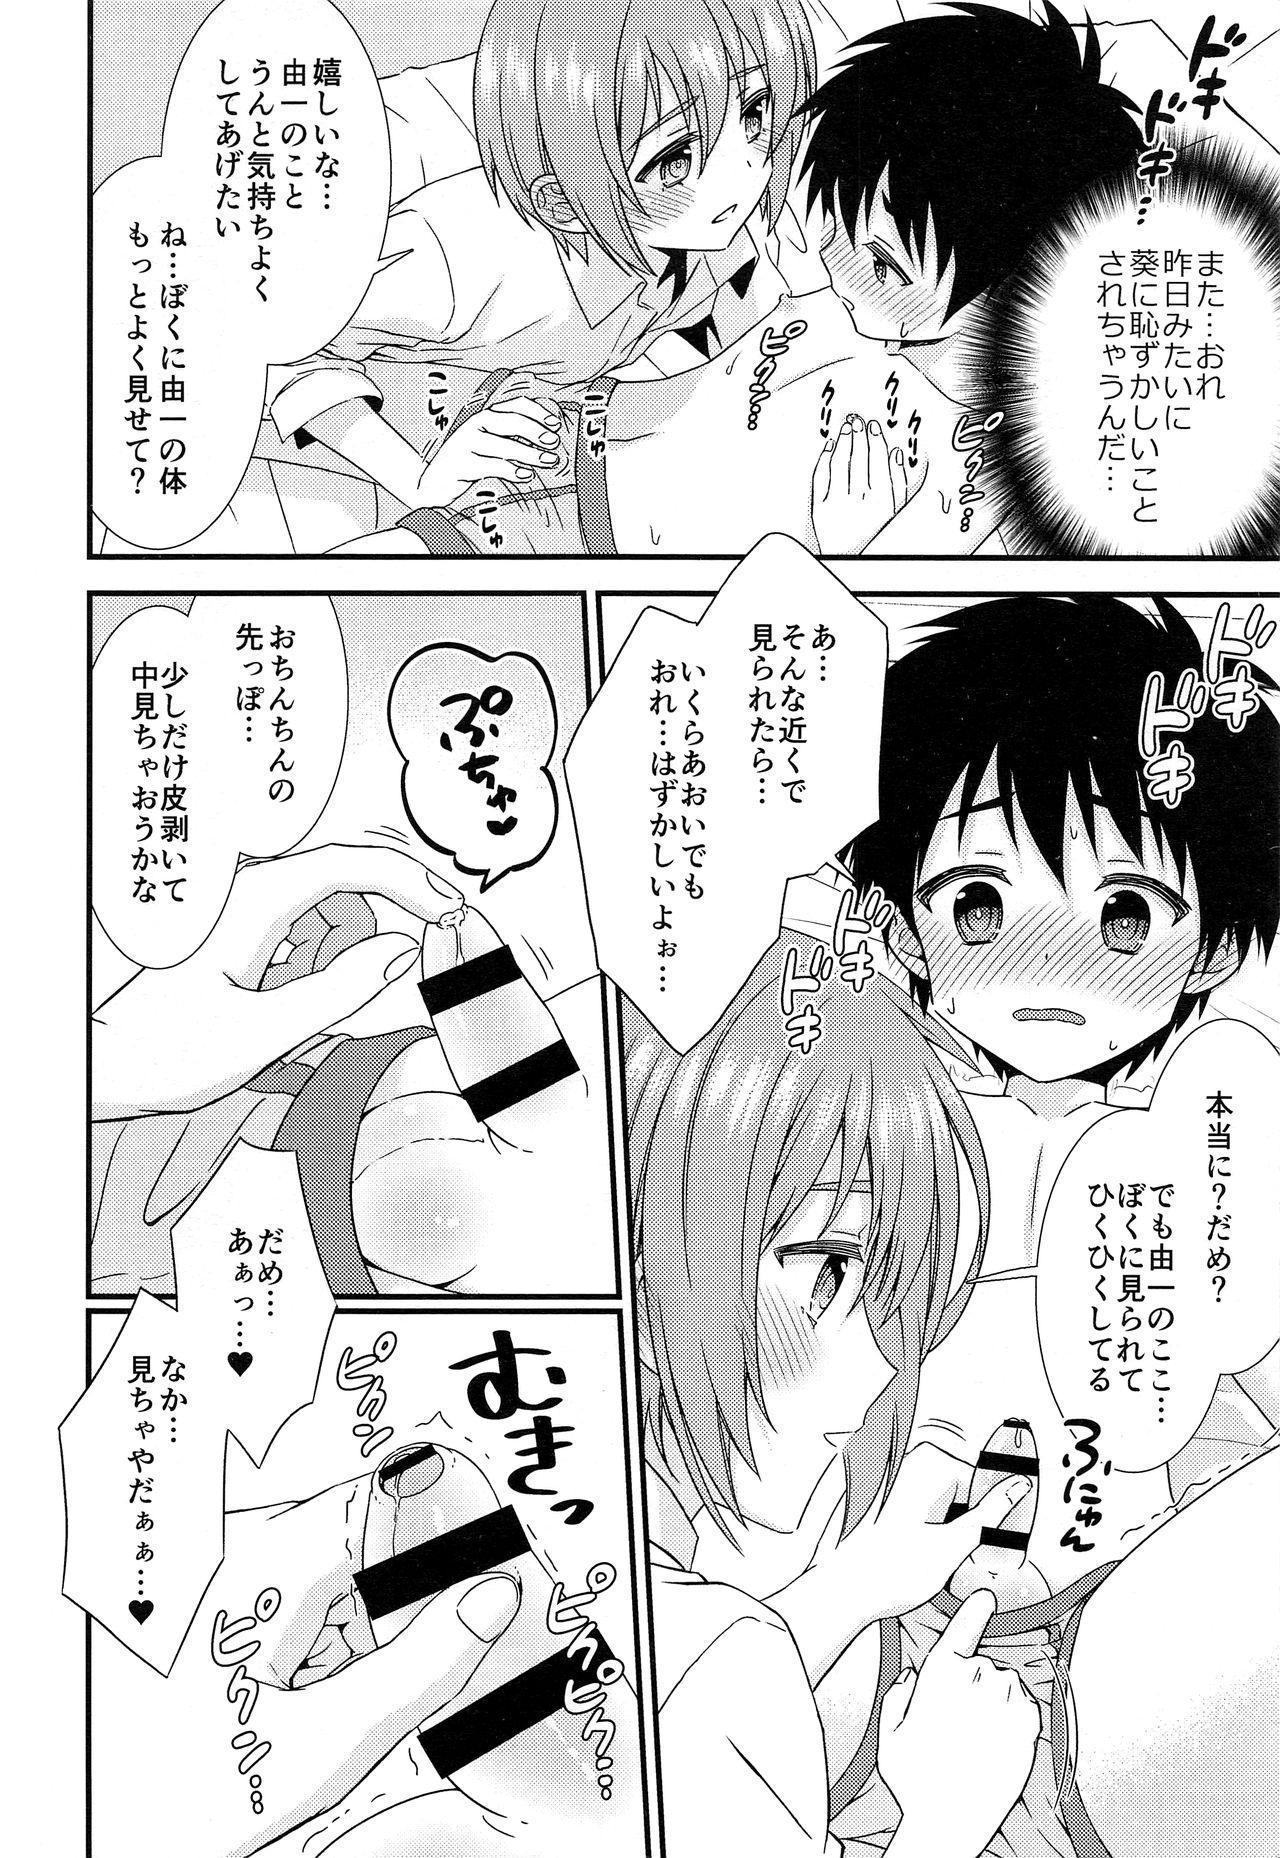 Yuujou no Hate ni Kimi to Sex shita 28